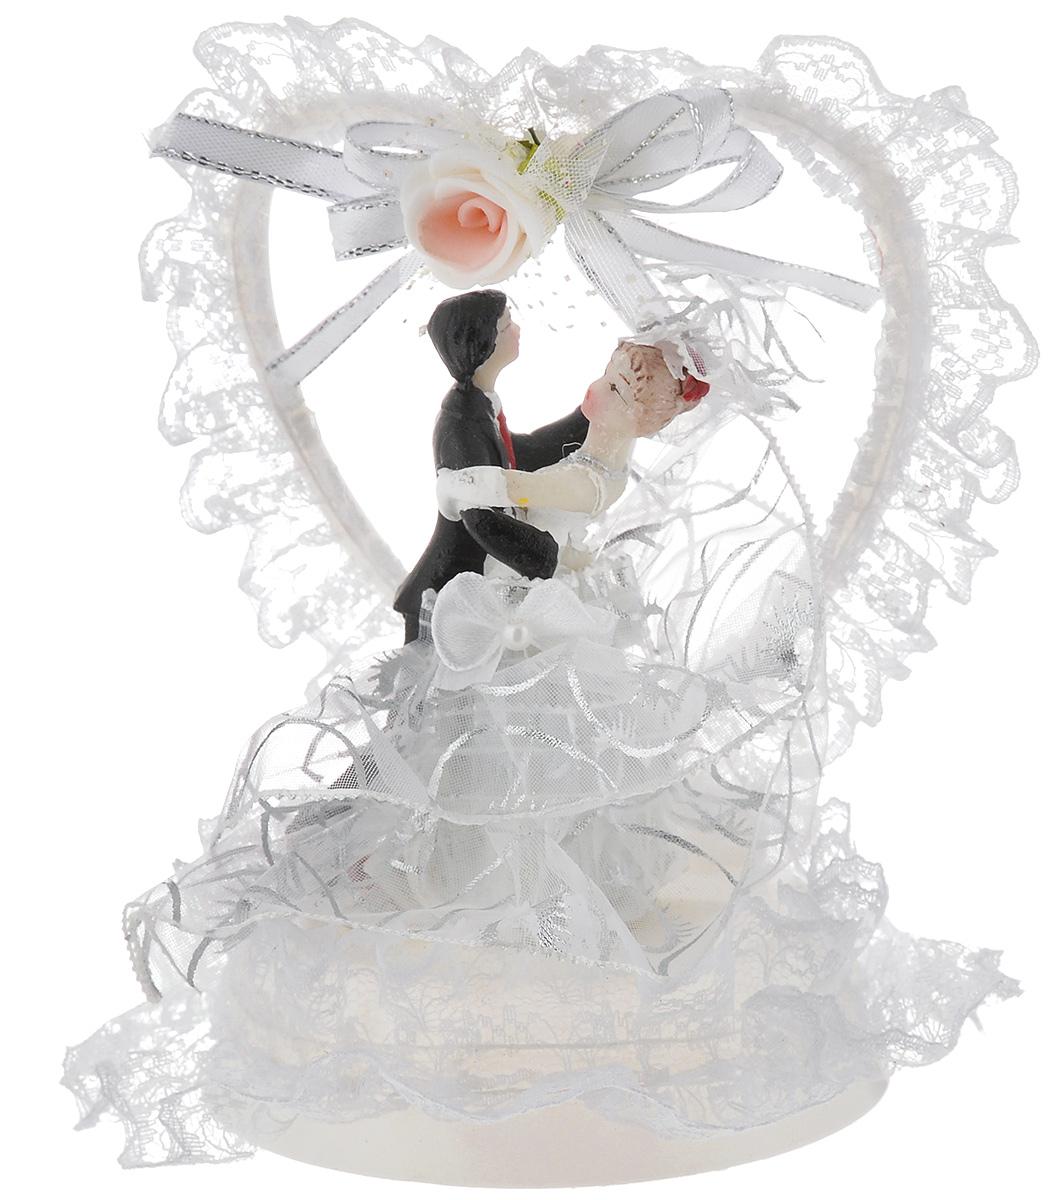 Фигурка декоративная Win Max Жених и невеста, 14 см97775318Декоративная фигурка Win Max Жених и невеста изготовлена из полистоуна и текстиля. Изделие представляет собой круглую подставку с фигурками жениха и невесты, украшенных тесьмой. Такая фигурка идеально впишется в свадебный интерьер и будет радовать вас своим видом в самый важный день в вашей жизни.Высота фигурки: 14 см.